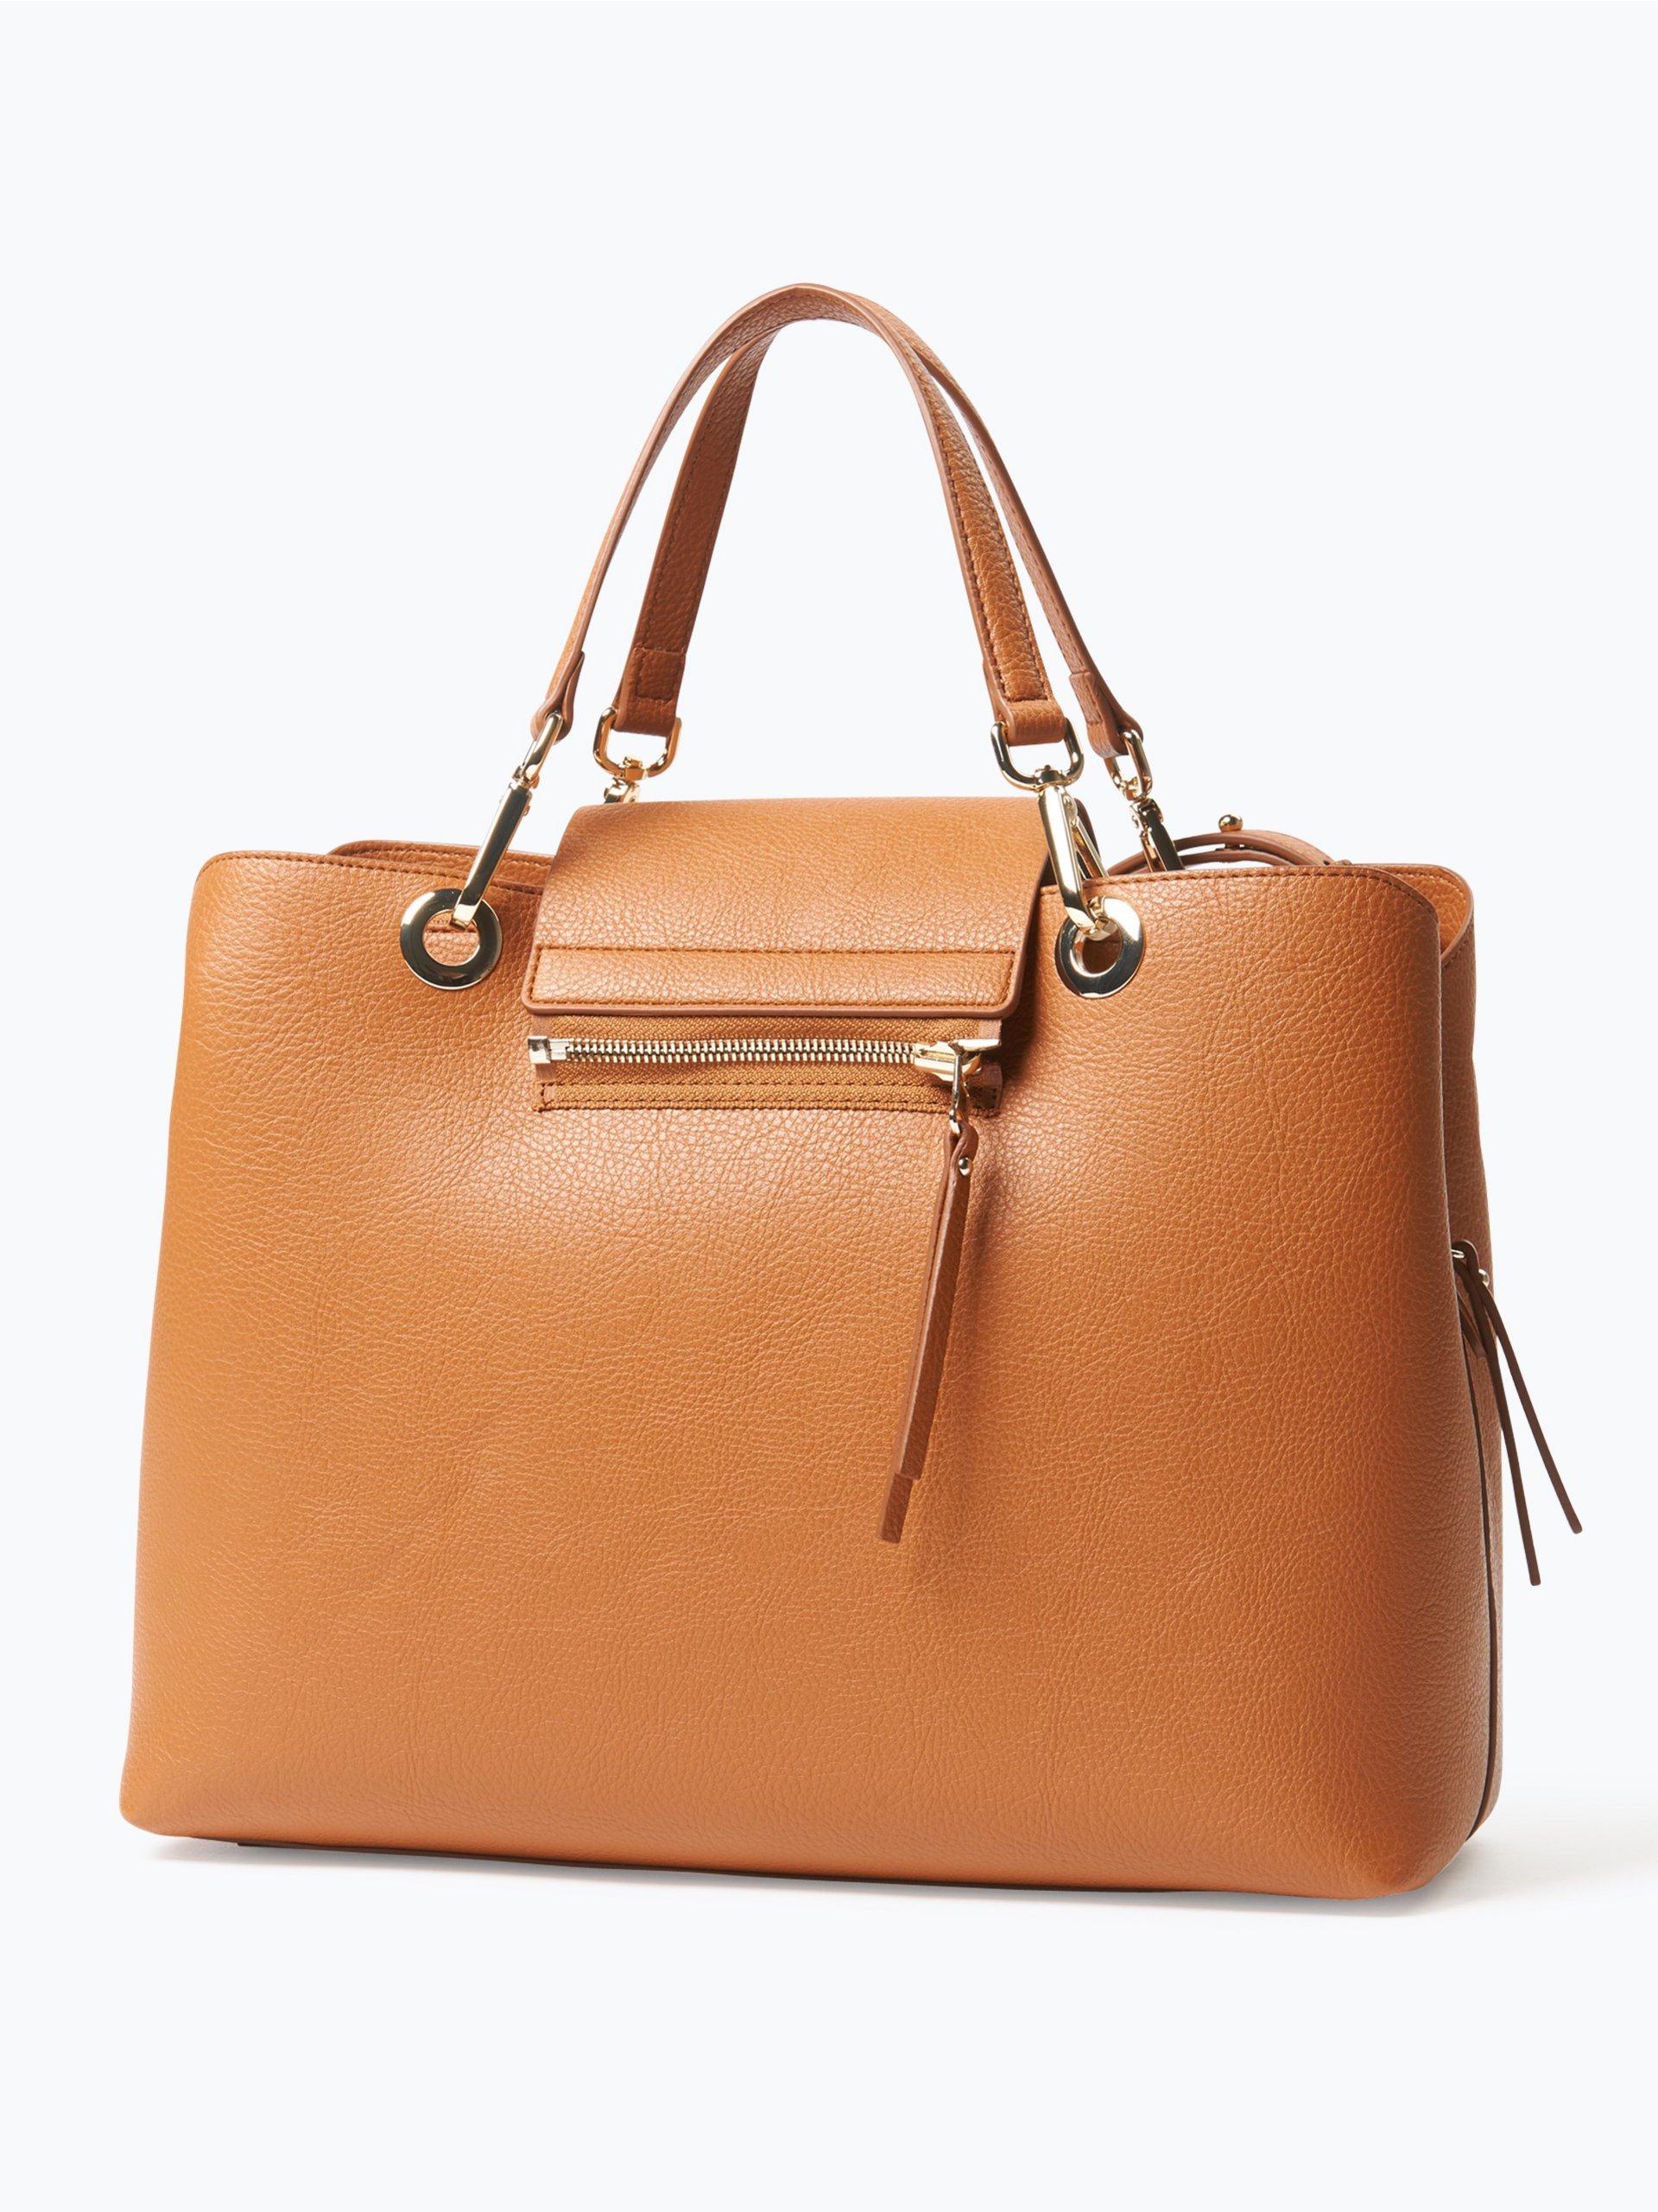 tommy hilfiger damen handtasche in leder optik cognac uni. Black Bedroom Furniture Sets. Home Design Ideas